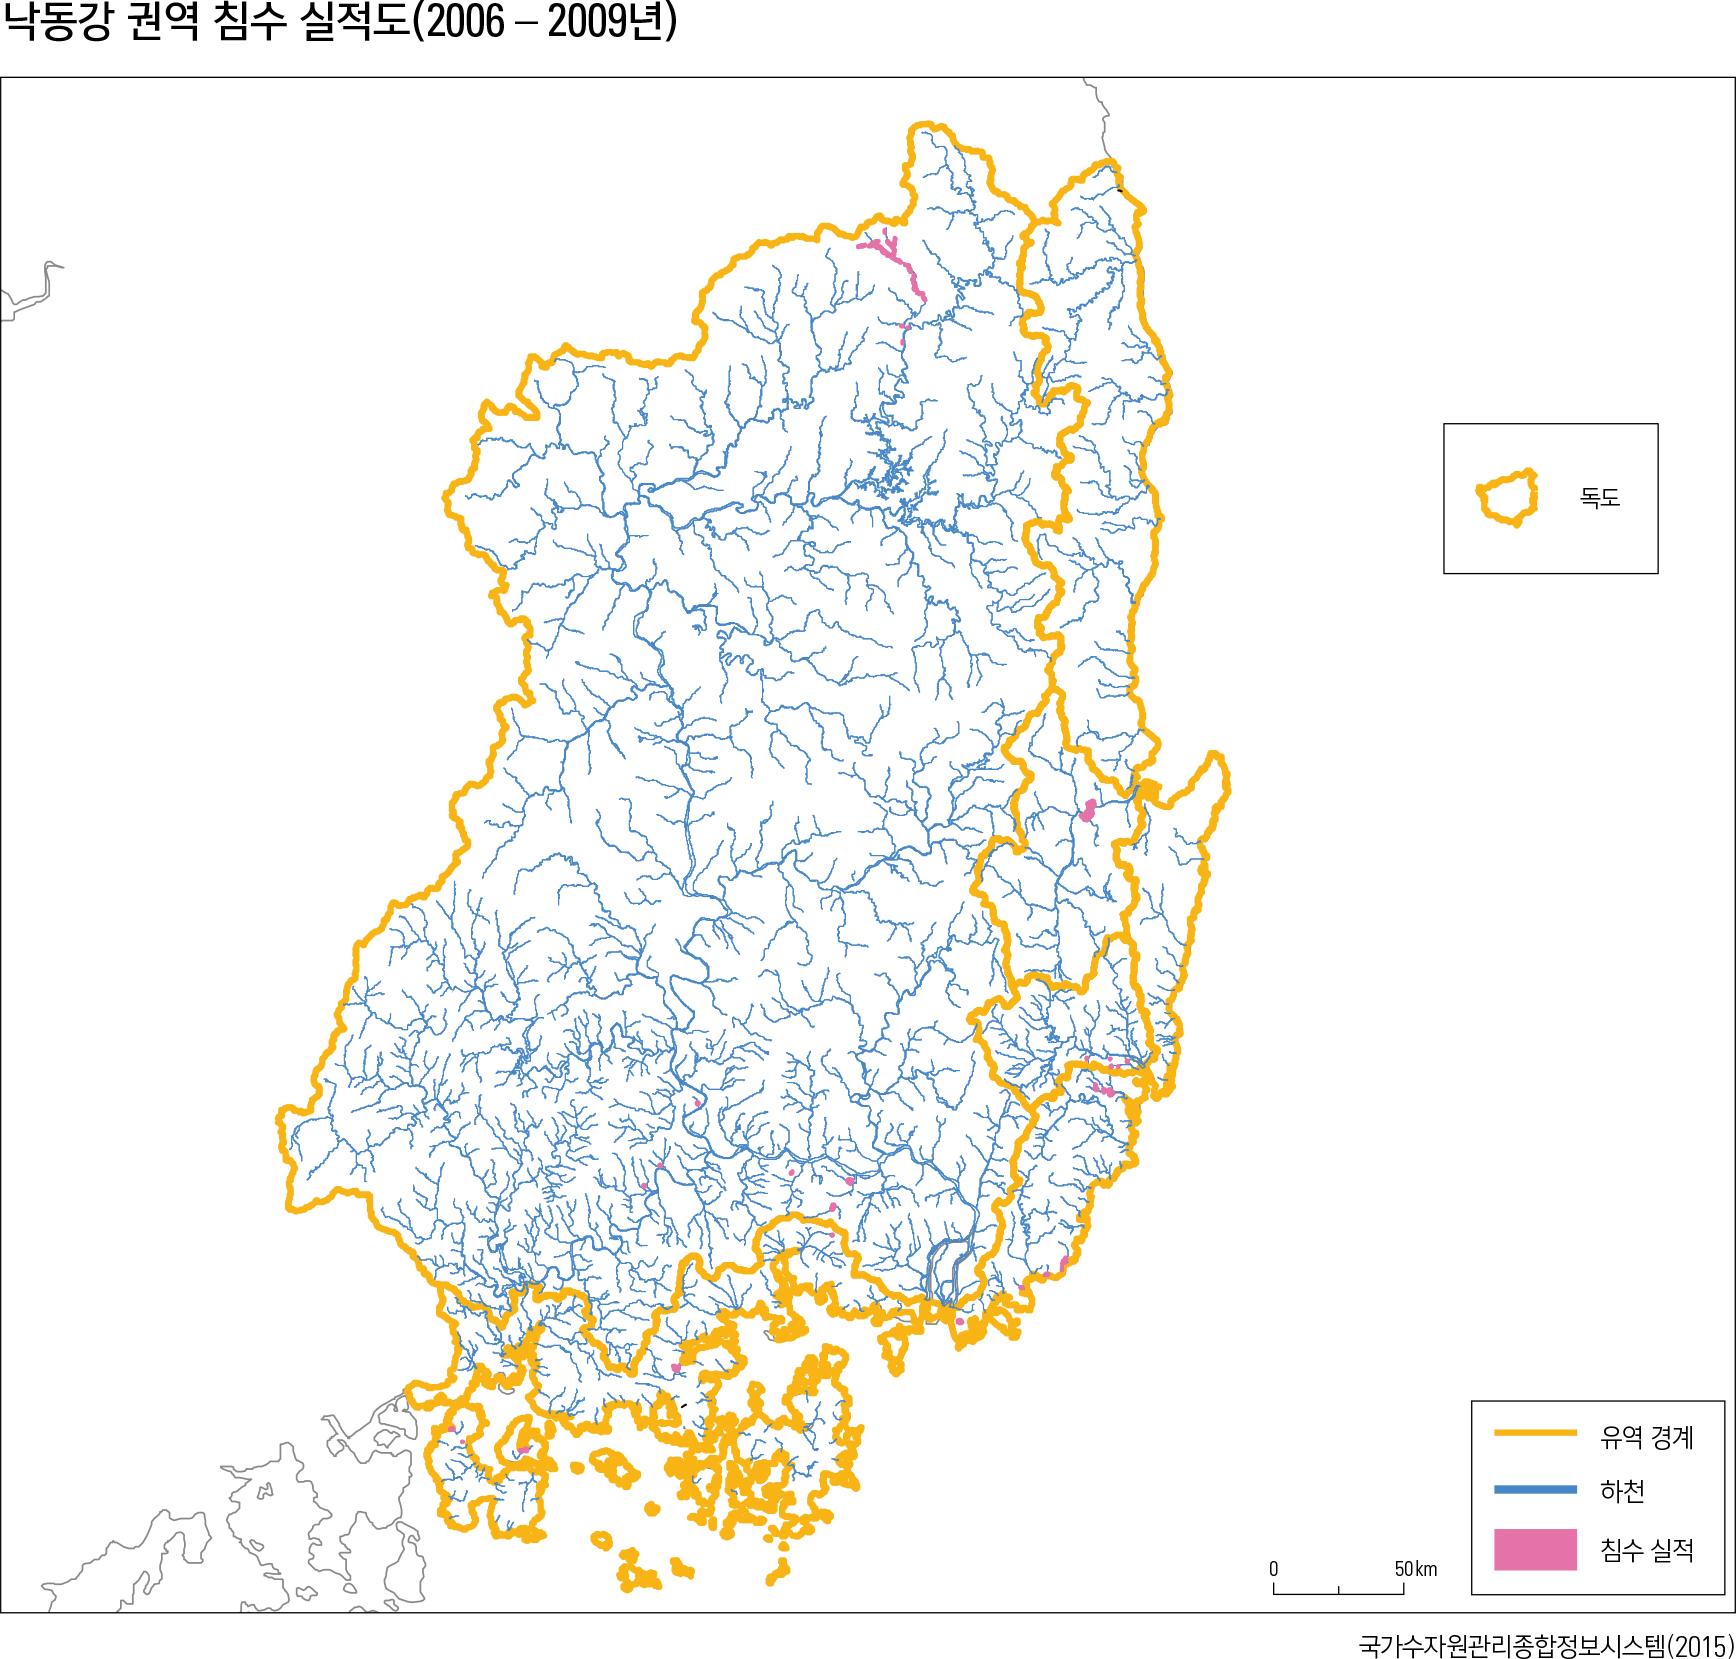 낙동강 권역 침수 실적도(2006-2009년)